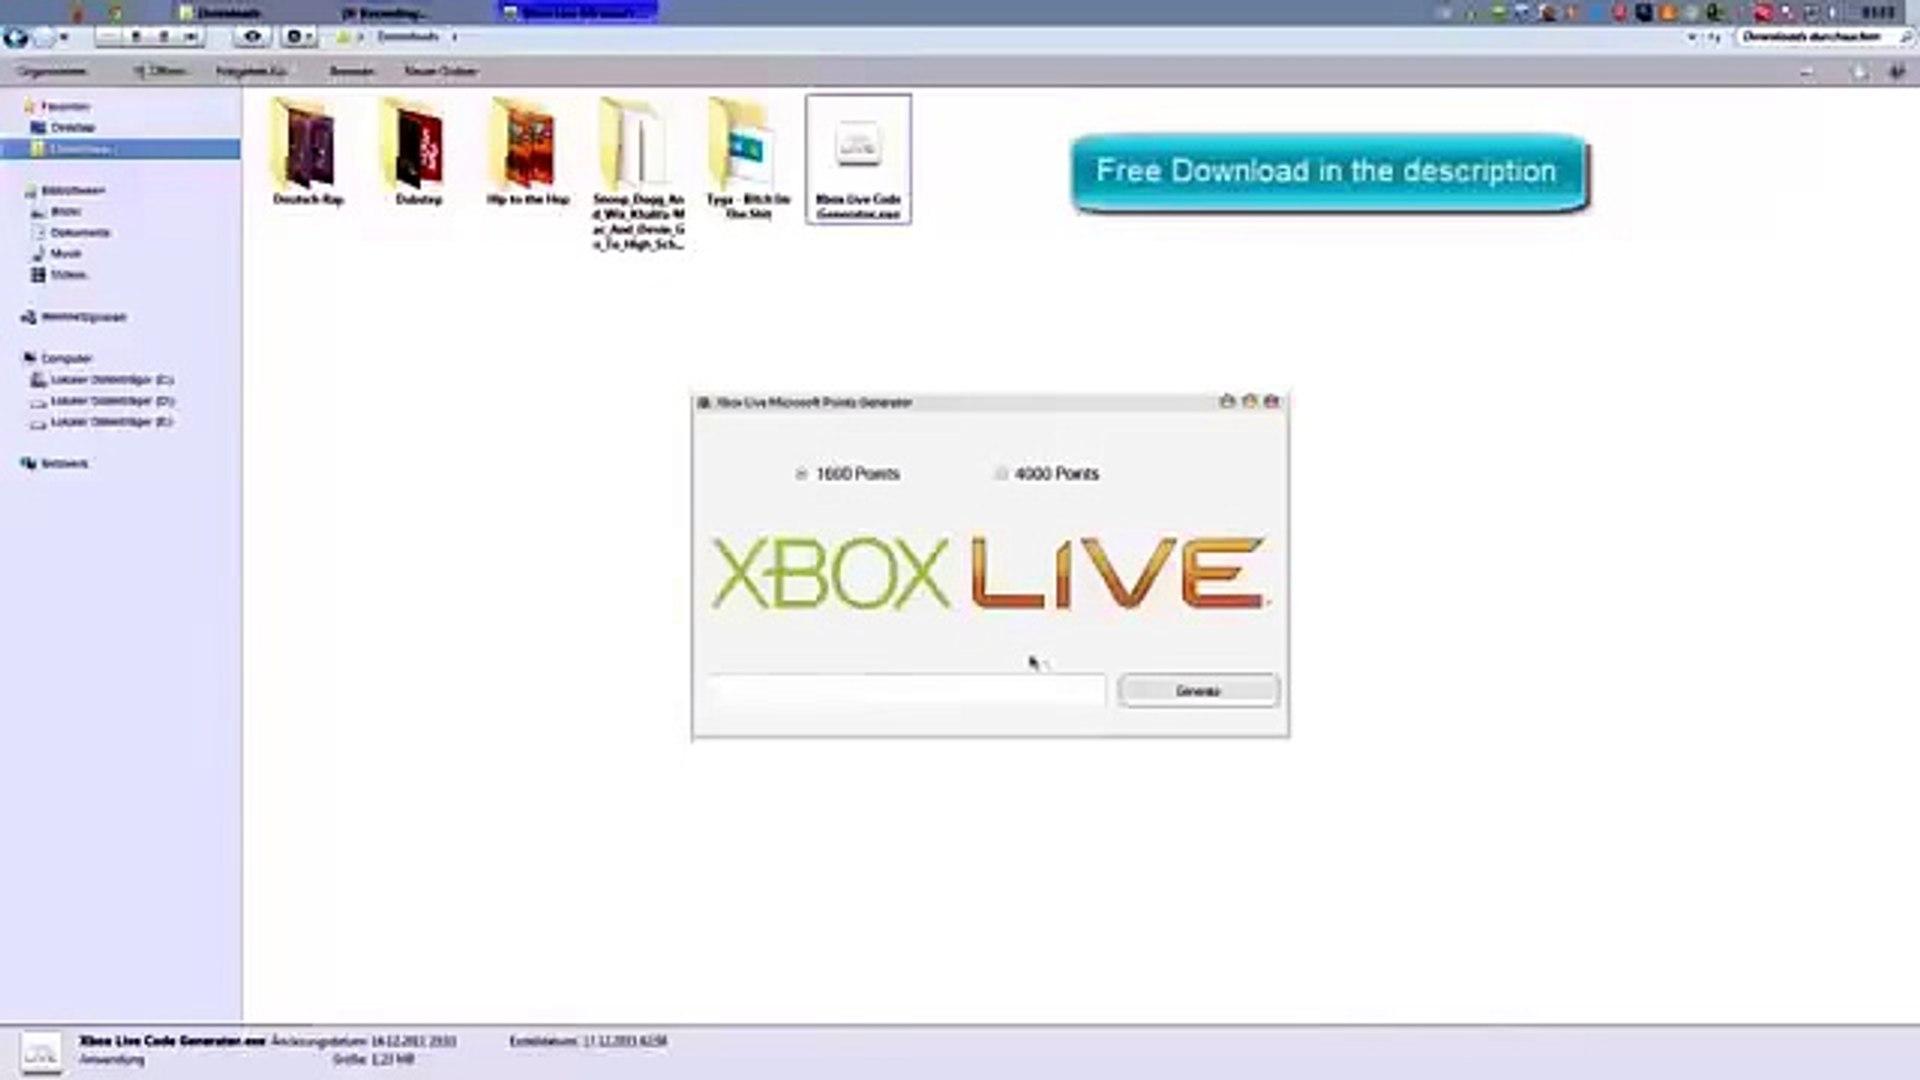 XBOX LIVE générateur de code - XBOX LIVE generator - 2015